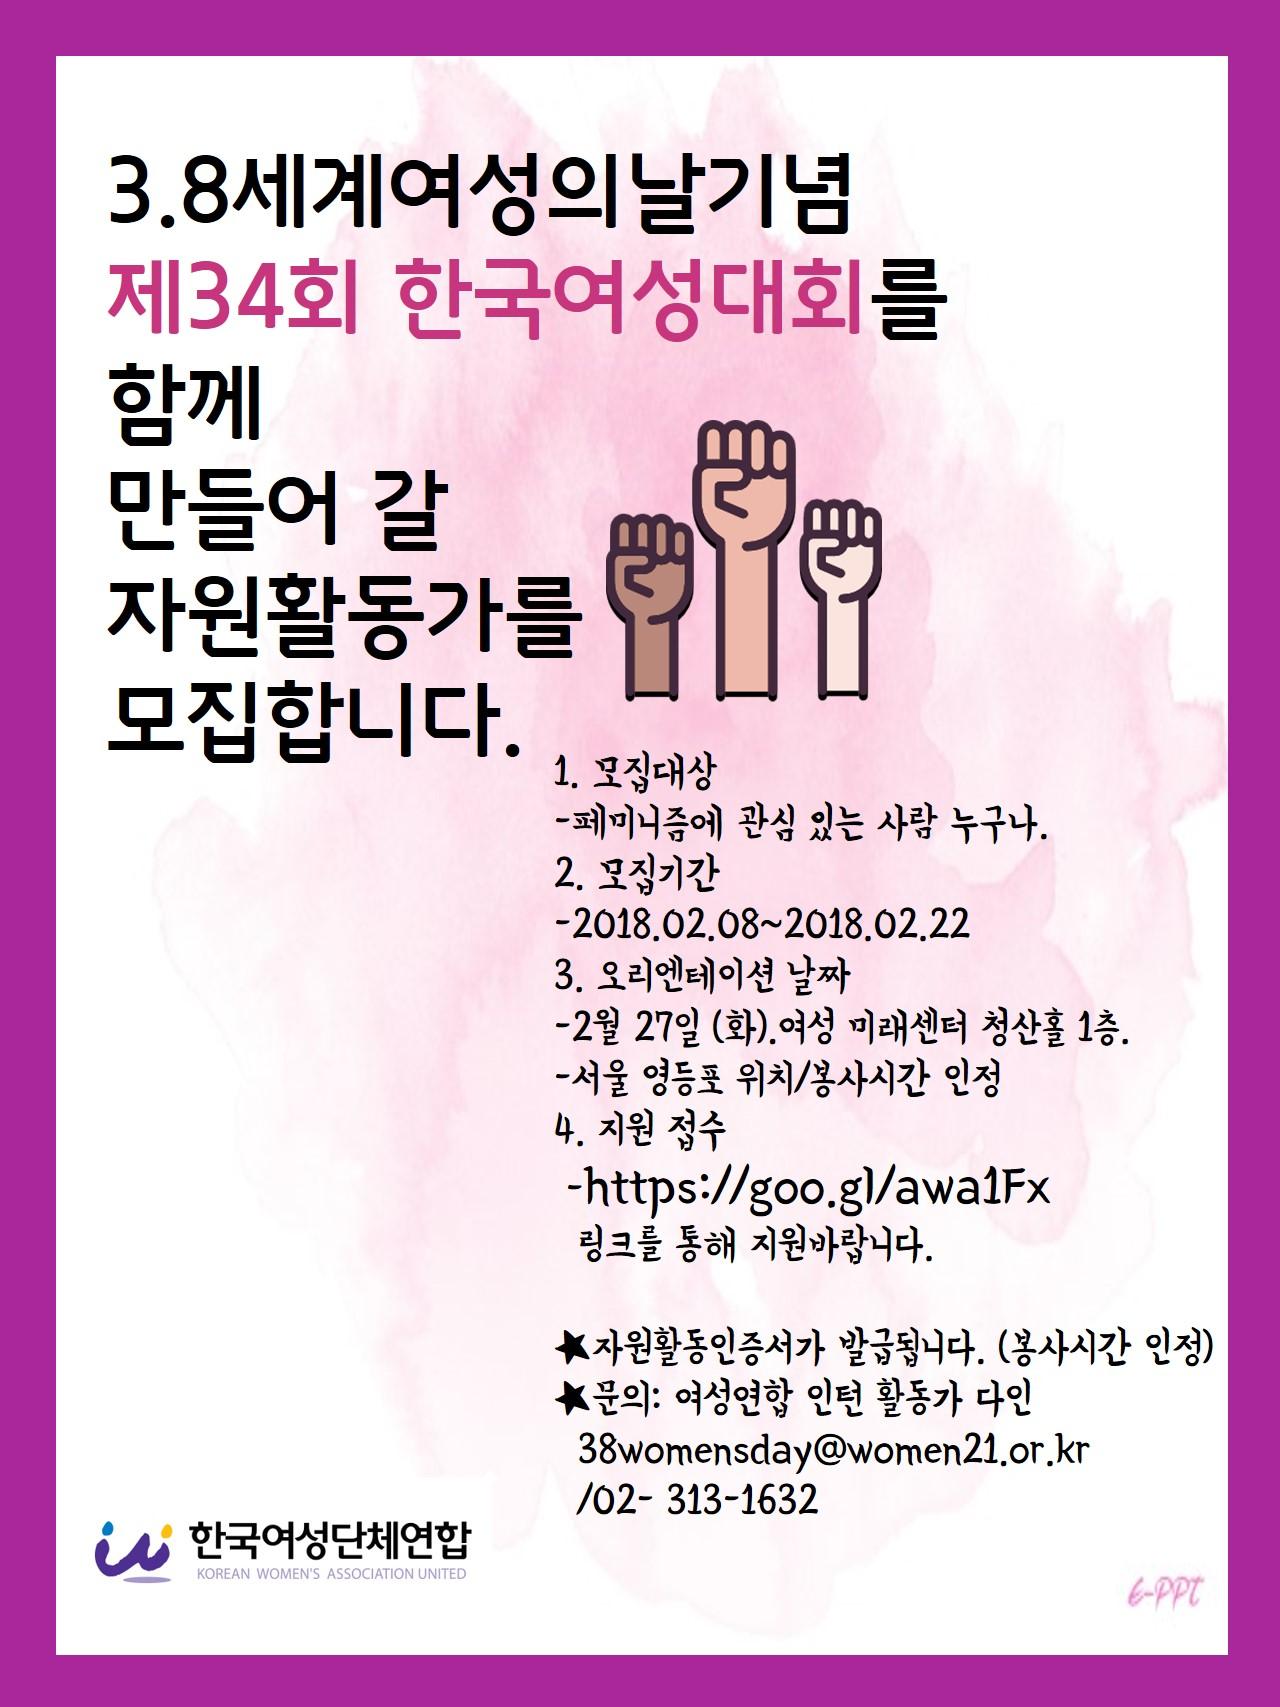 [2018]3.8세계여성의날기념 제34회 한국여성대회를 만들어 갈 자원활동가를 모집합니다.